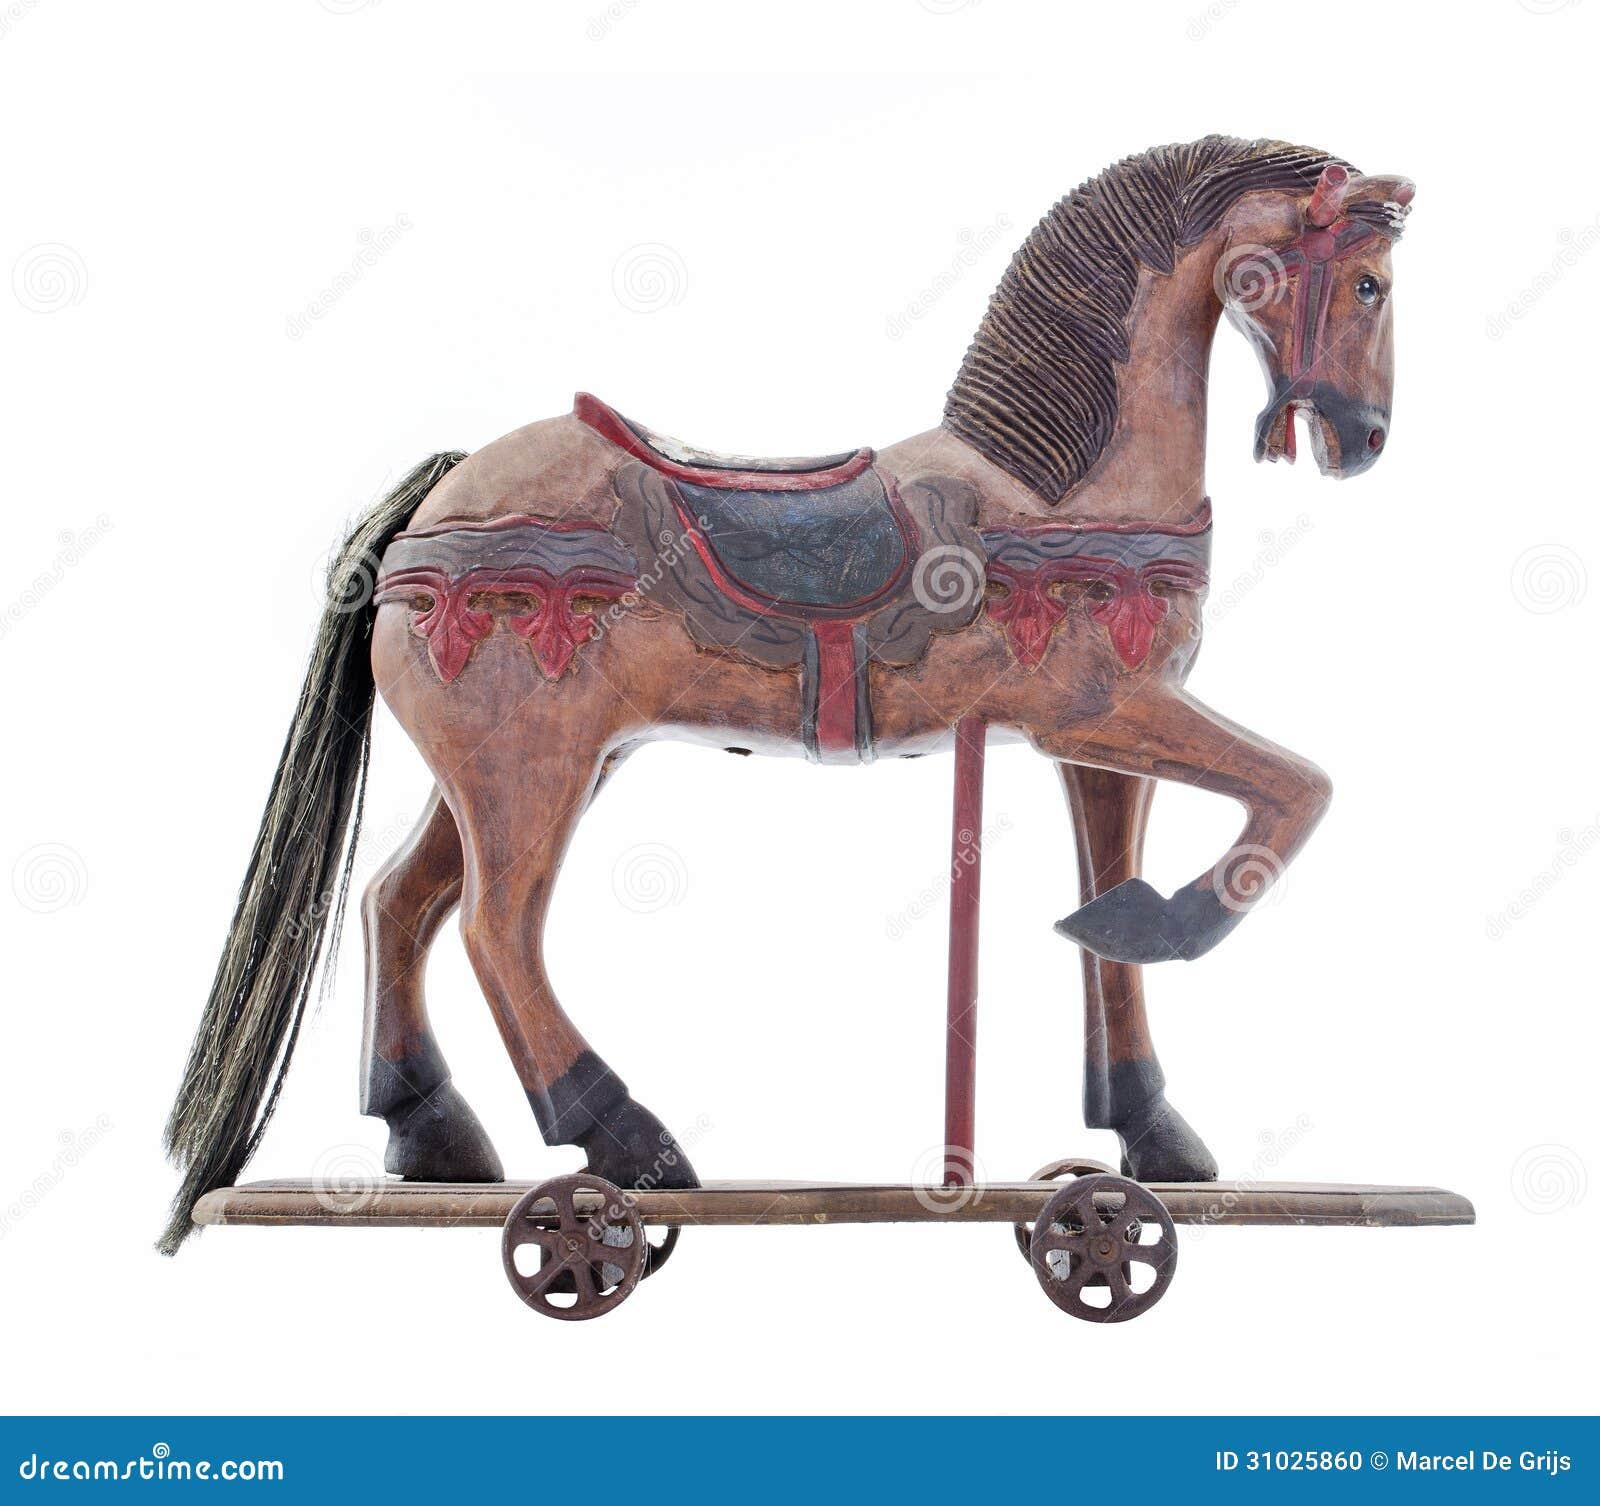 Cavallo Di Legno Giocattolo.Vecchio Cavallo Di Legno Del Giocattolo Fotografia Stock